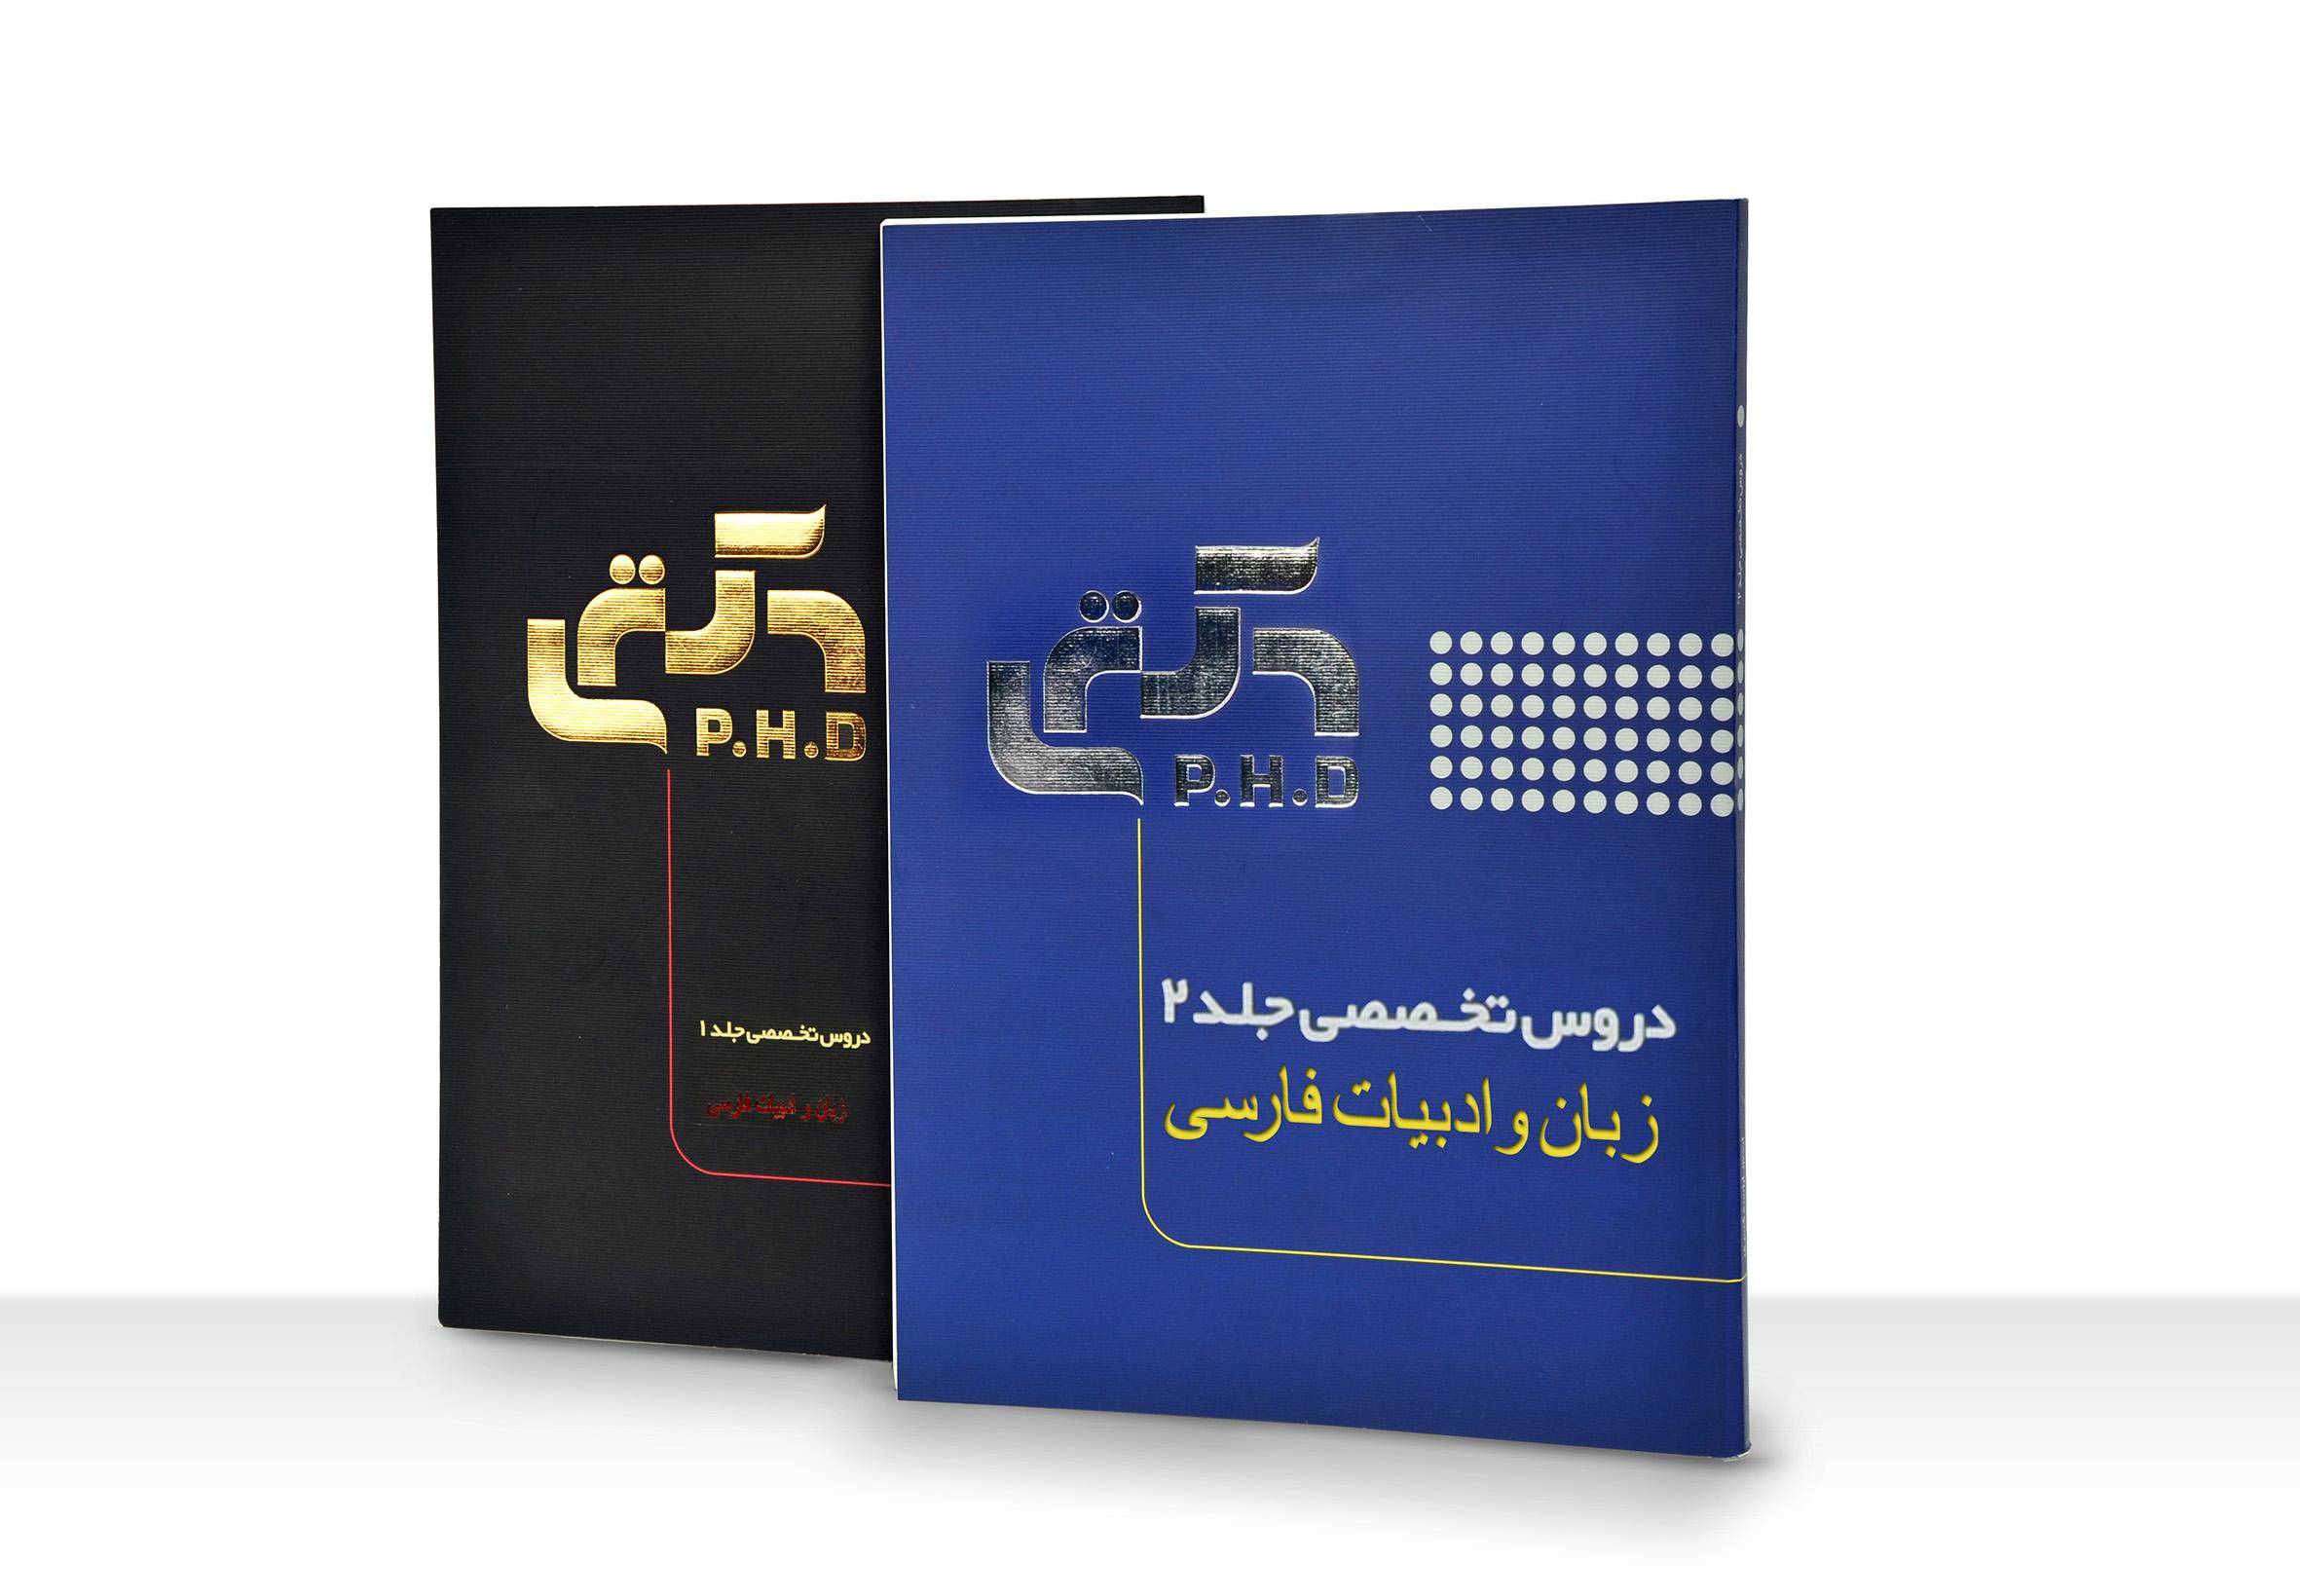 Zaban & Adabiyate farsi